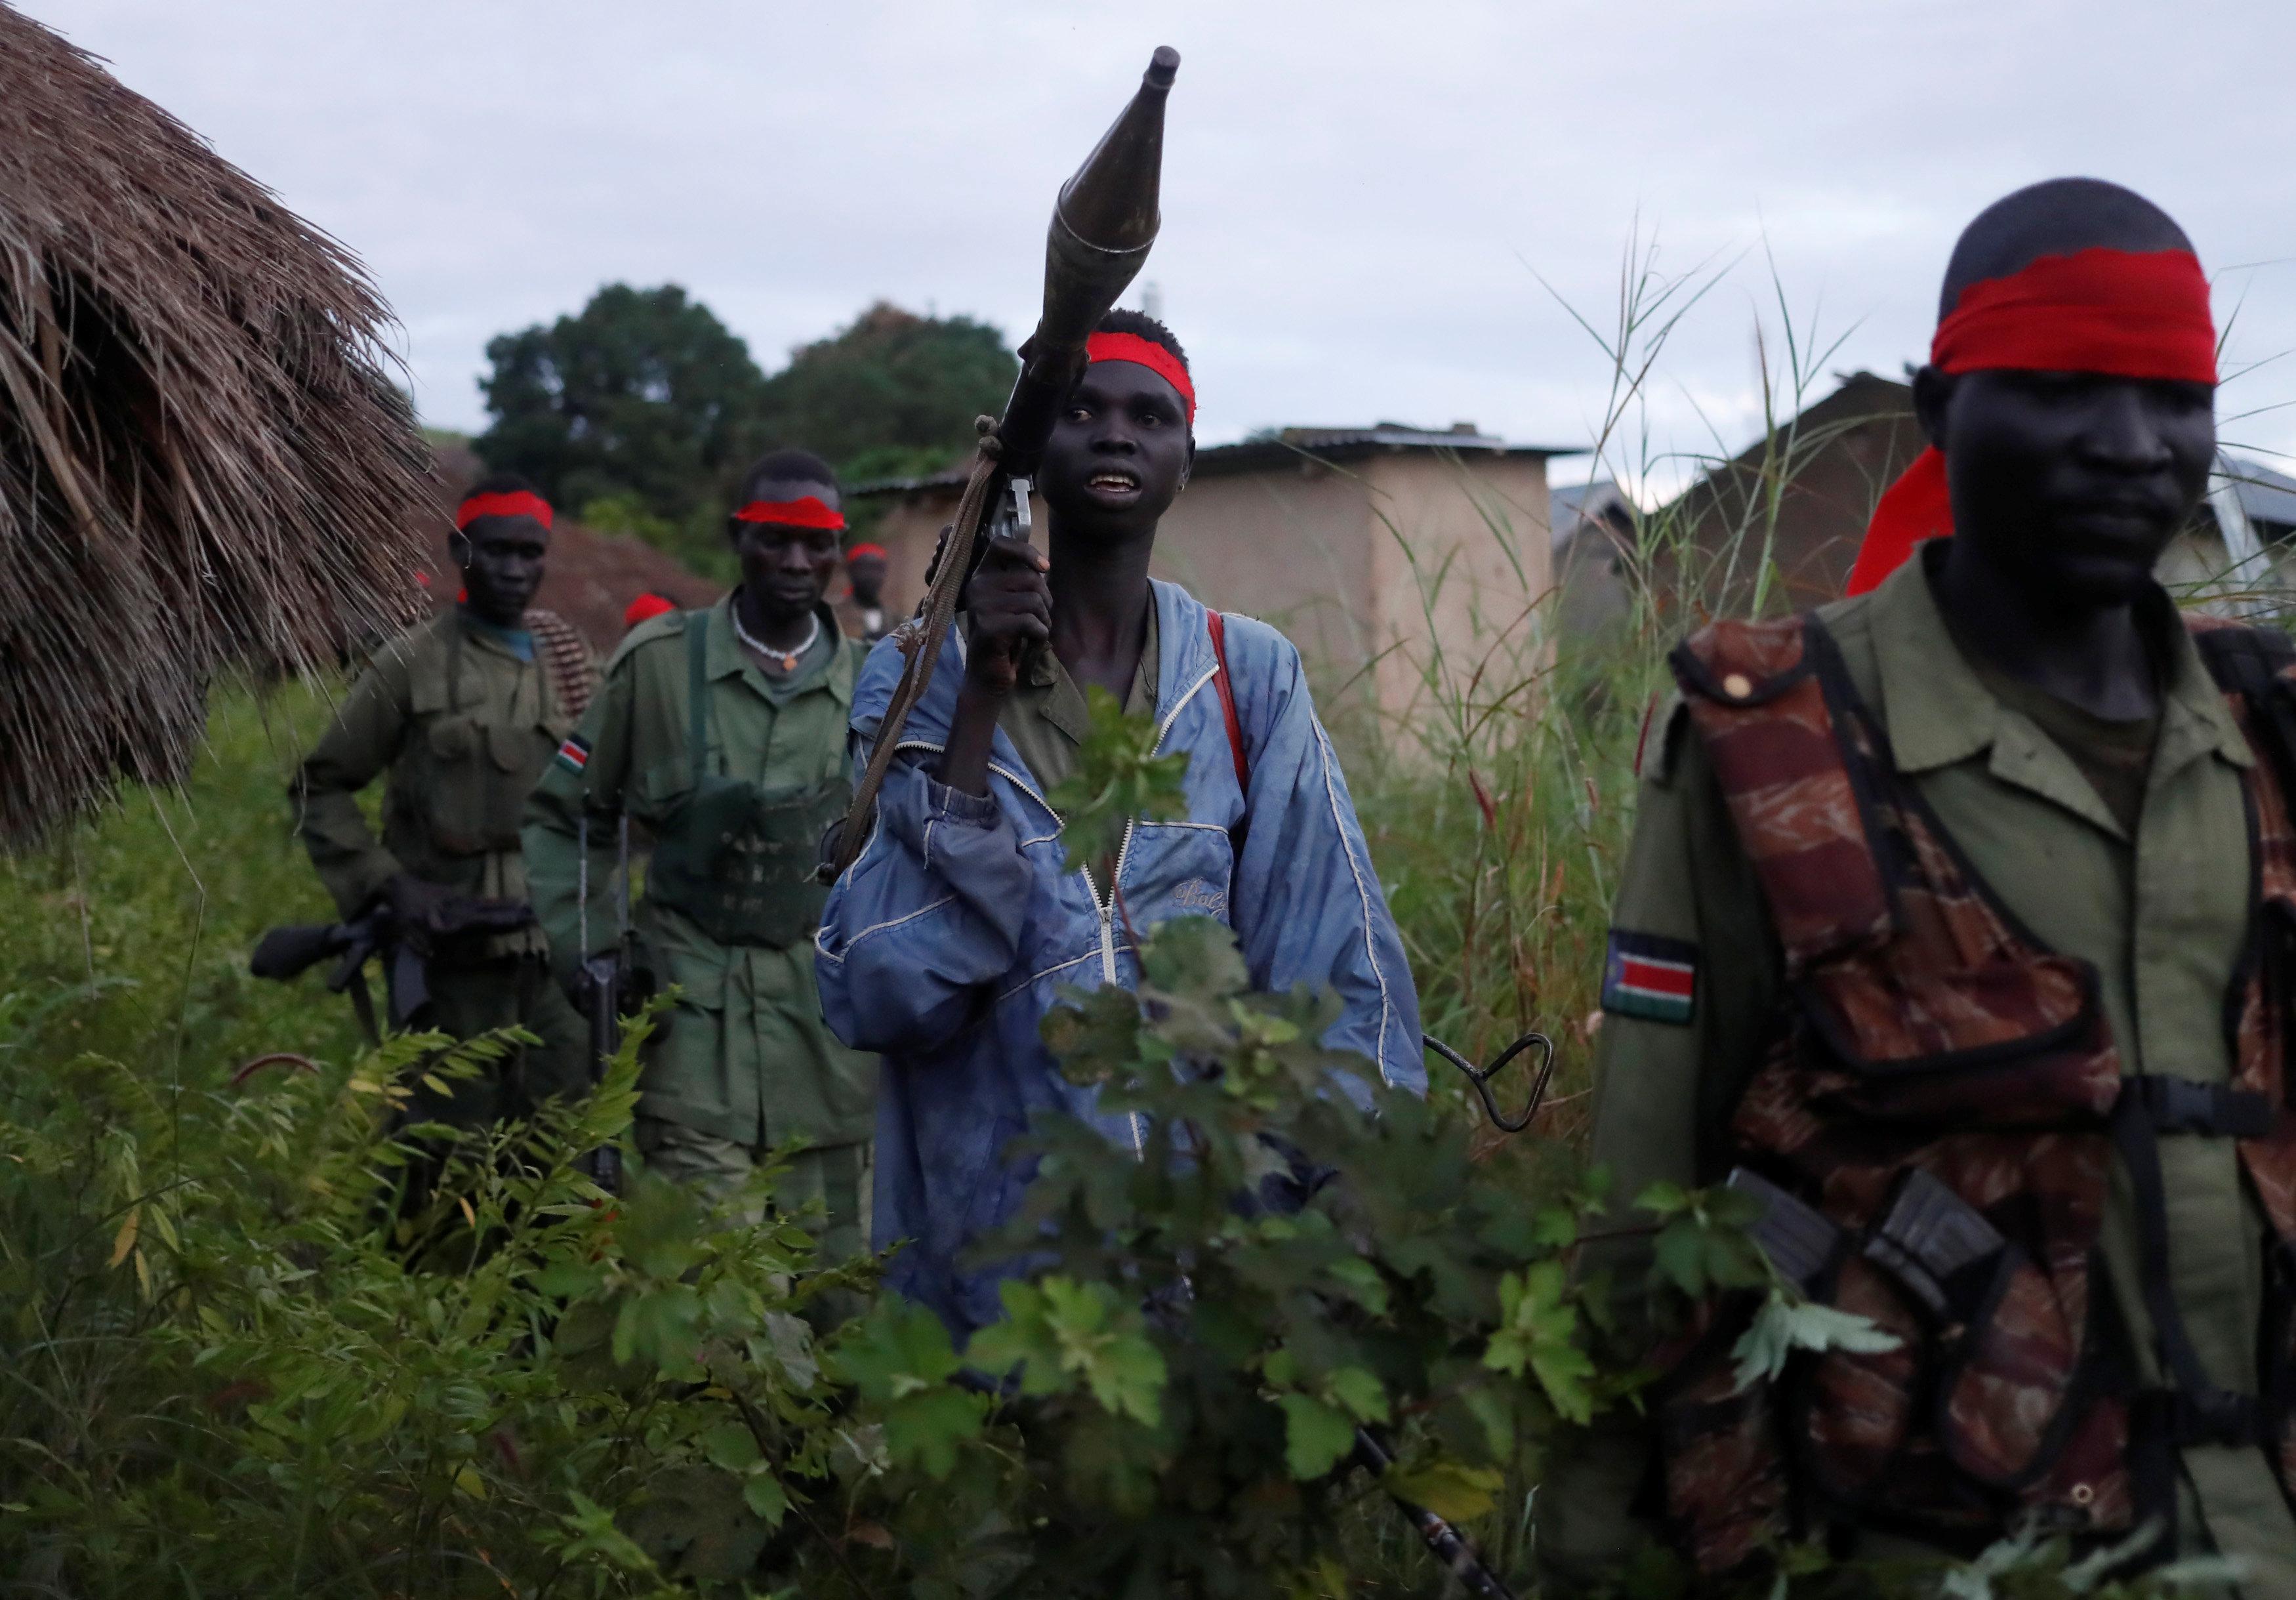 Νότιο Σουδάν: Το Συμβούλιο Ασφαλείας του ΟΗΕ θα ψηφίσει την επιβολή εμπάργκο